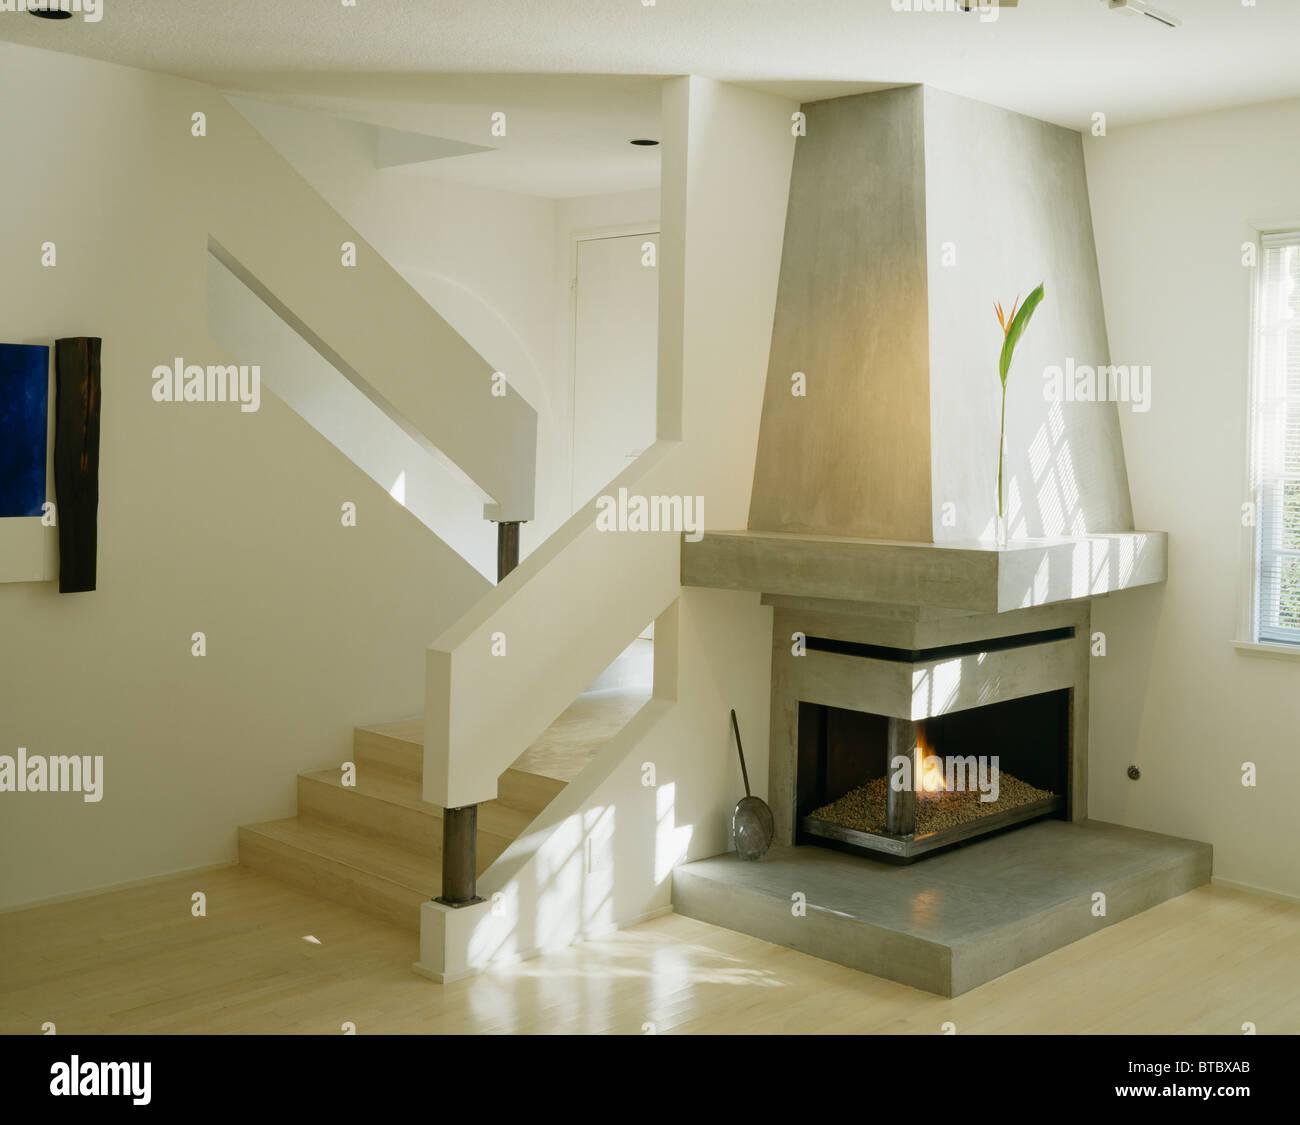 vorgegossenen konkrete architektonische befestigten kamin neben treppen in der ecke des modernen. Black Bedroom Furniture Sets. Home Design Ideas